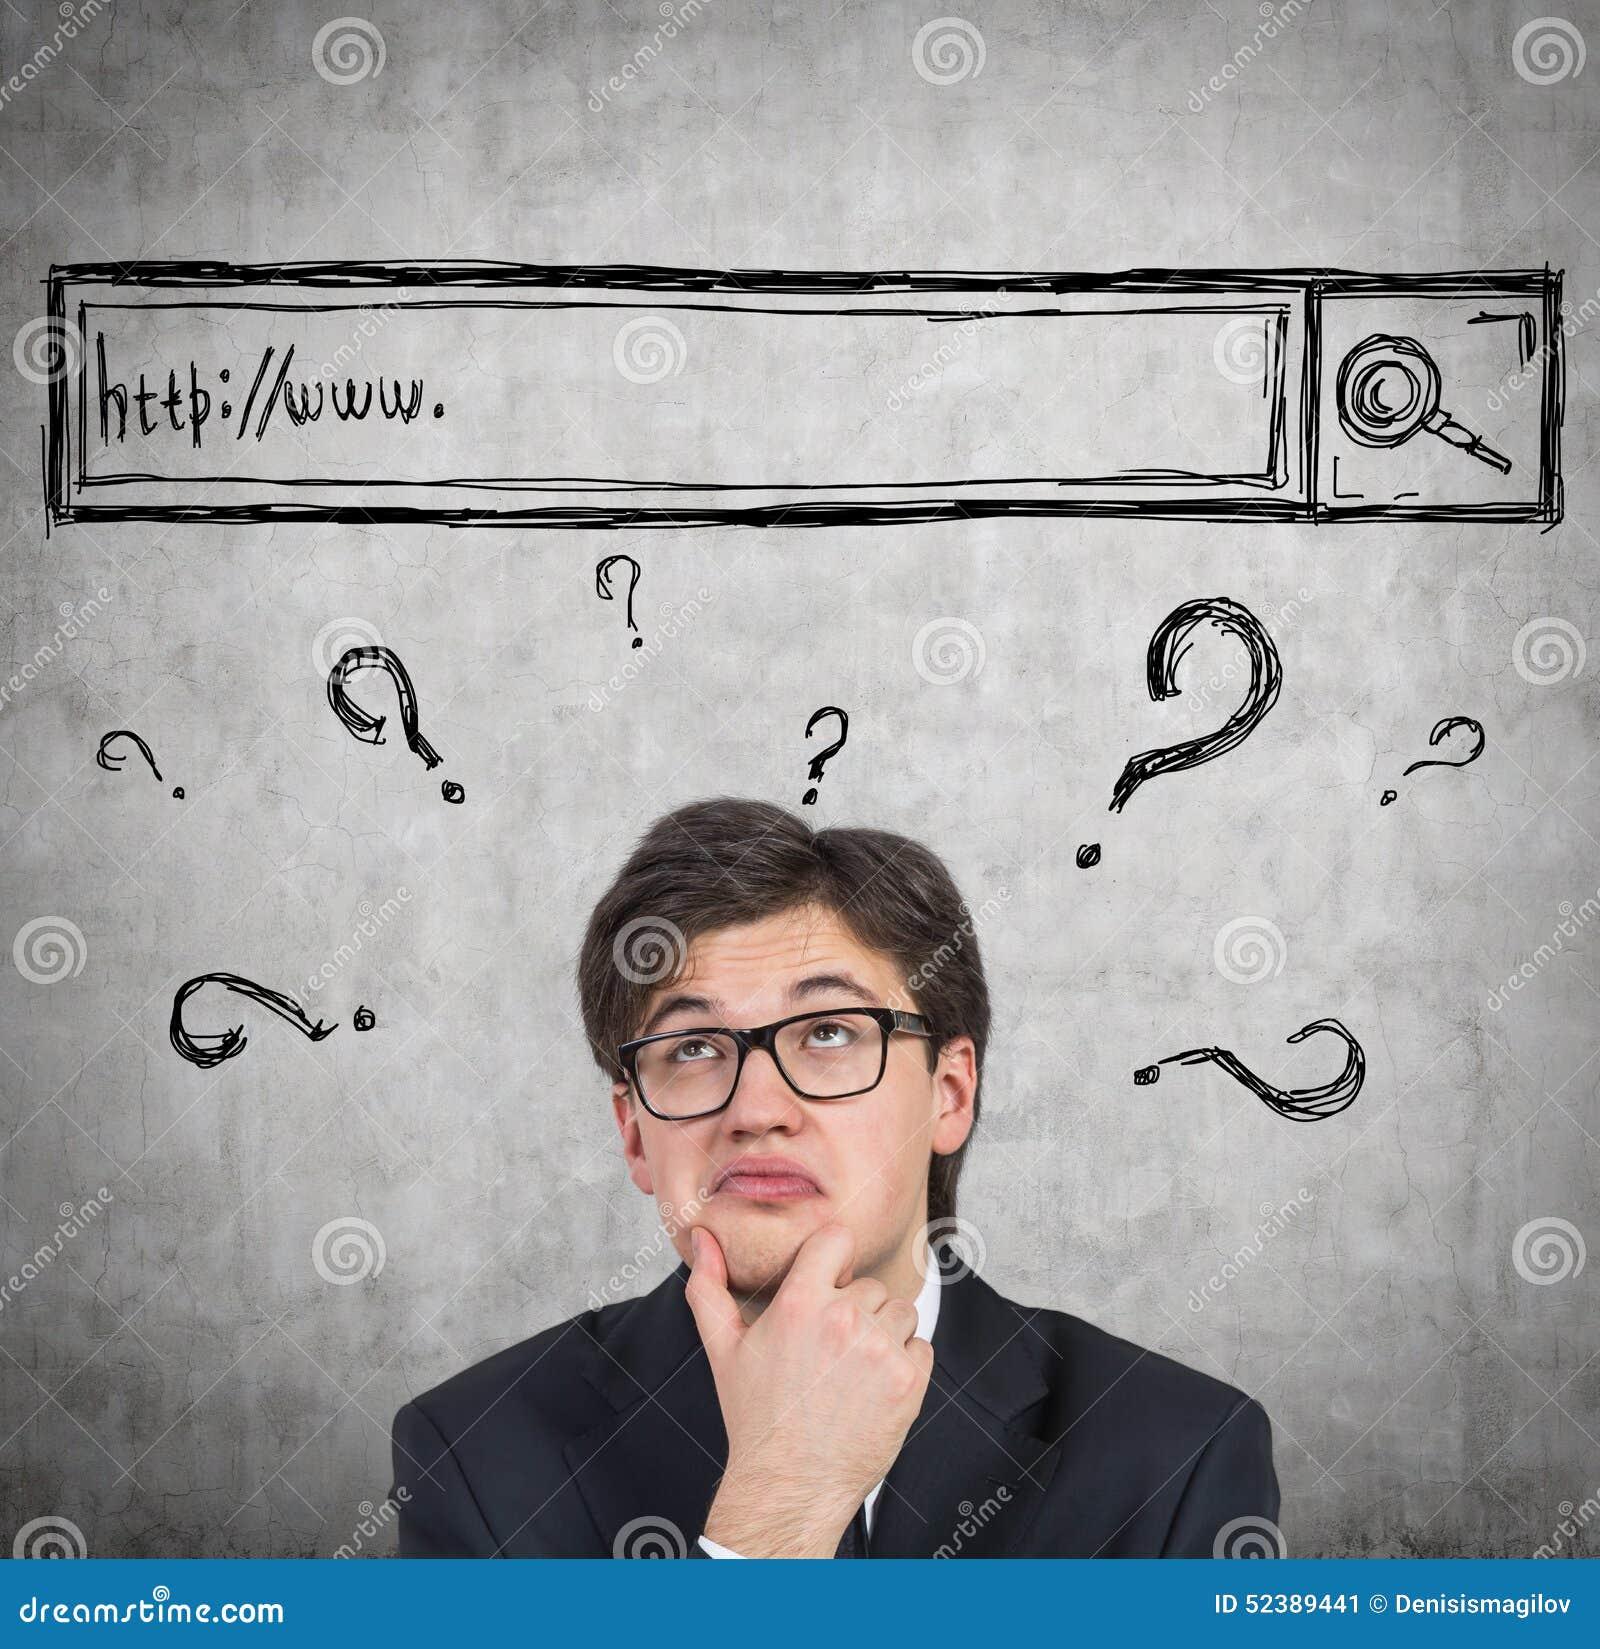 Mann versucht, einige Antworten im Internet zu finden